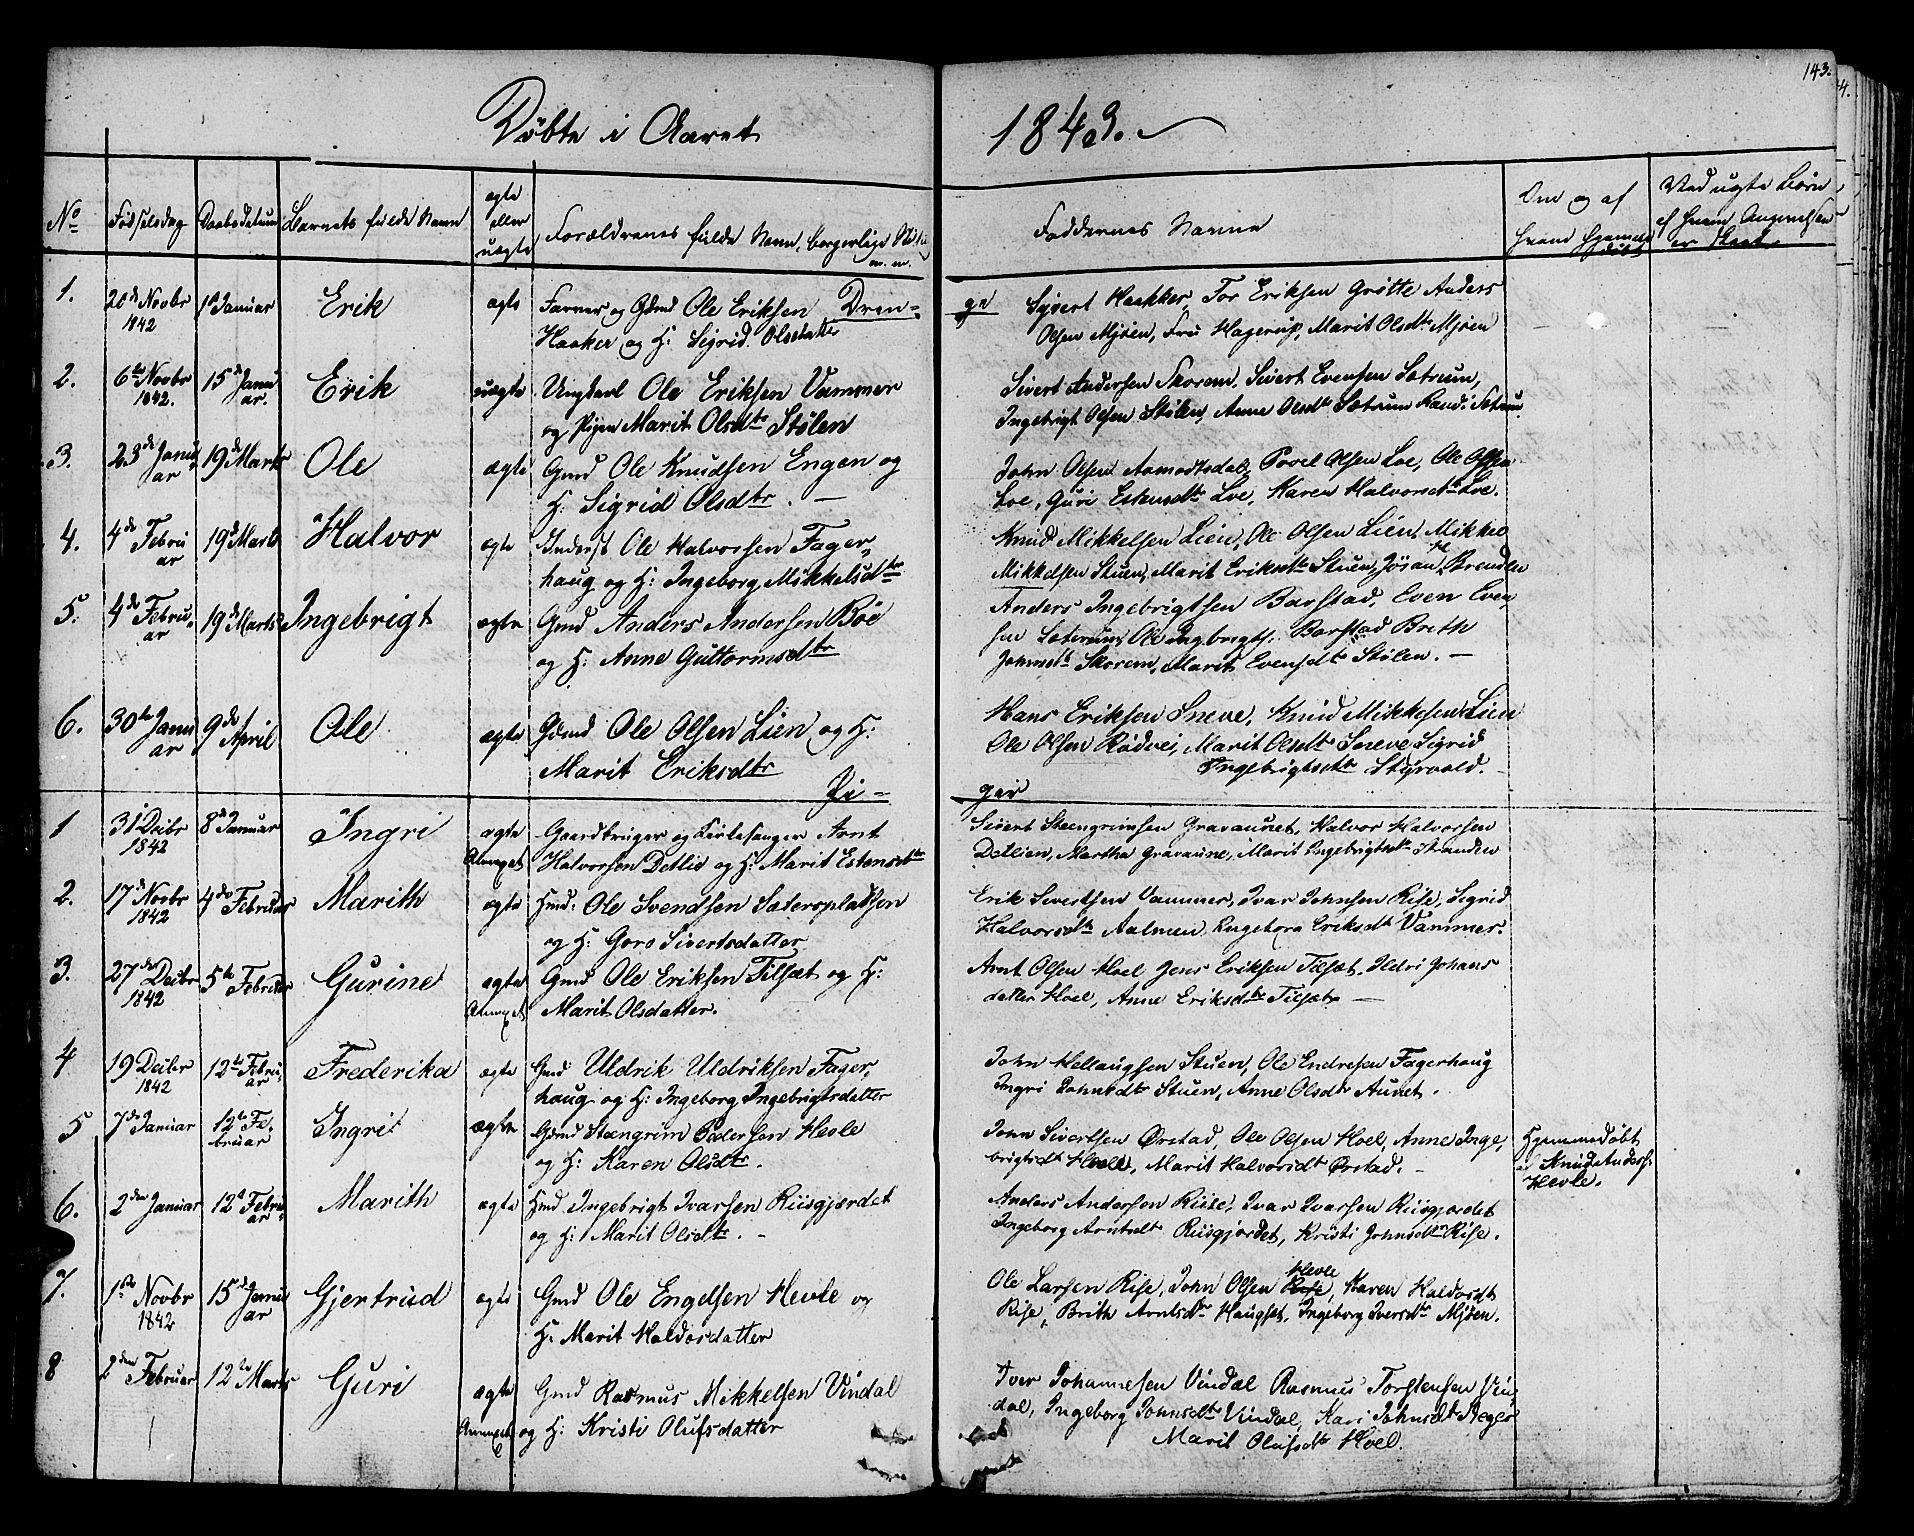 SAT, Ministerialprotokoller, klokkerbøker og fødselsregistre - Sør-Trøndelag, 678/L0897: Ministerialbok nr. 678A06-07, 1821-1847, s. 143